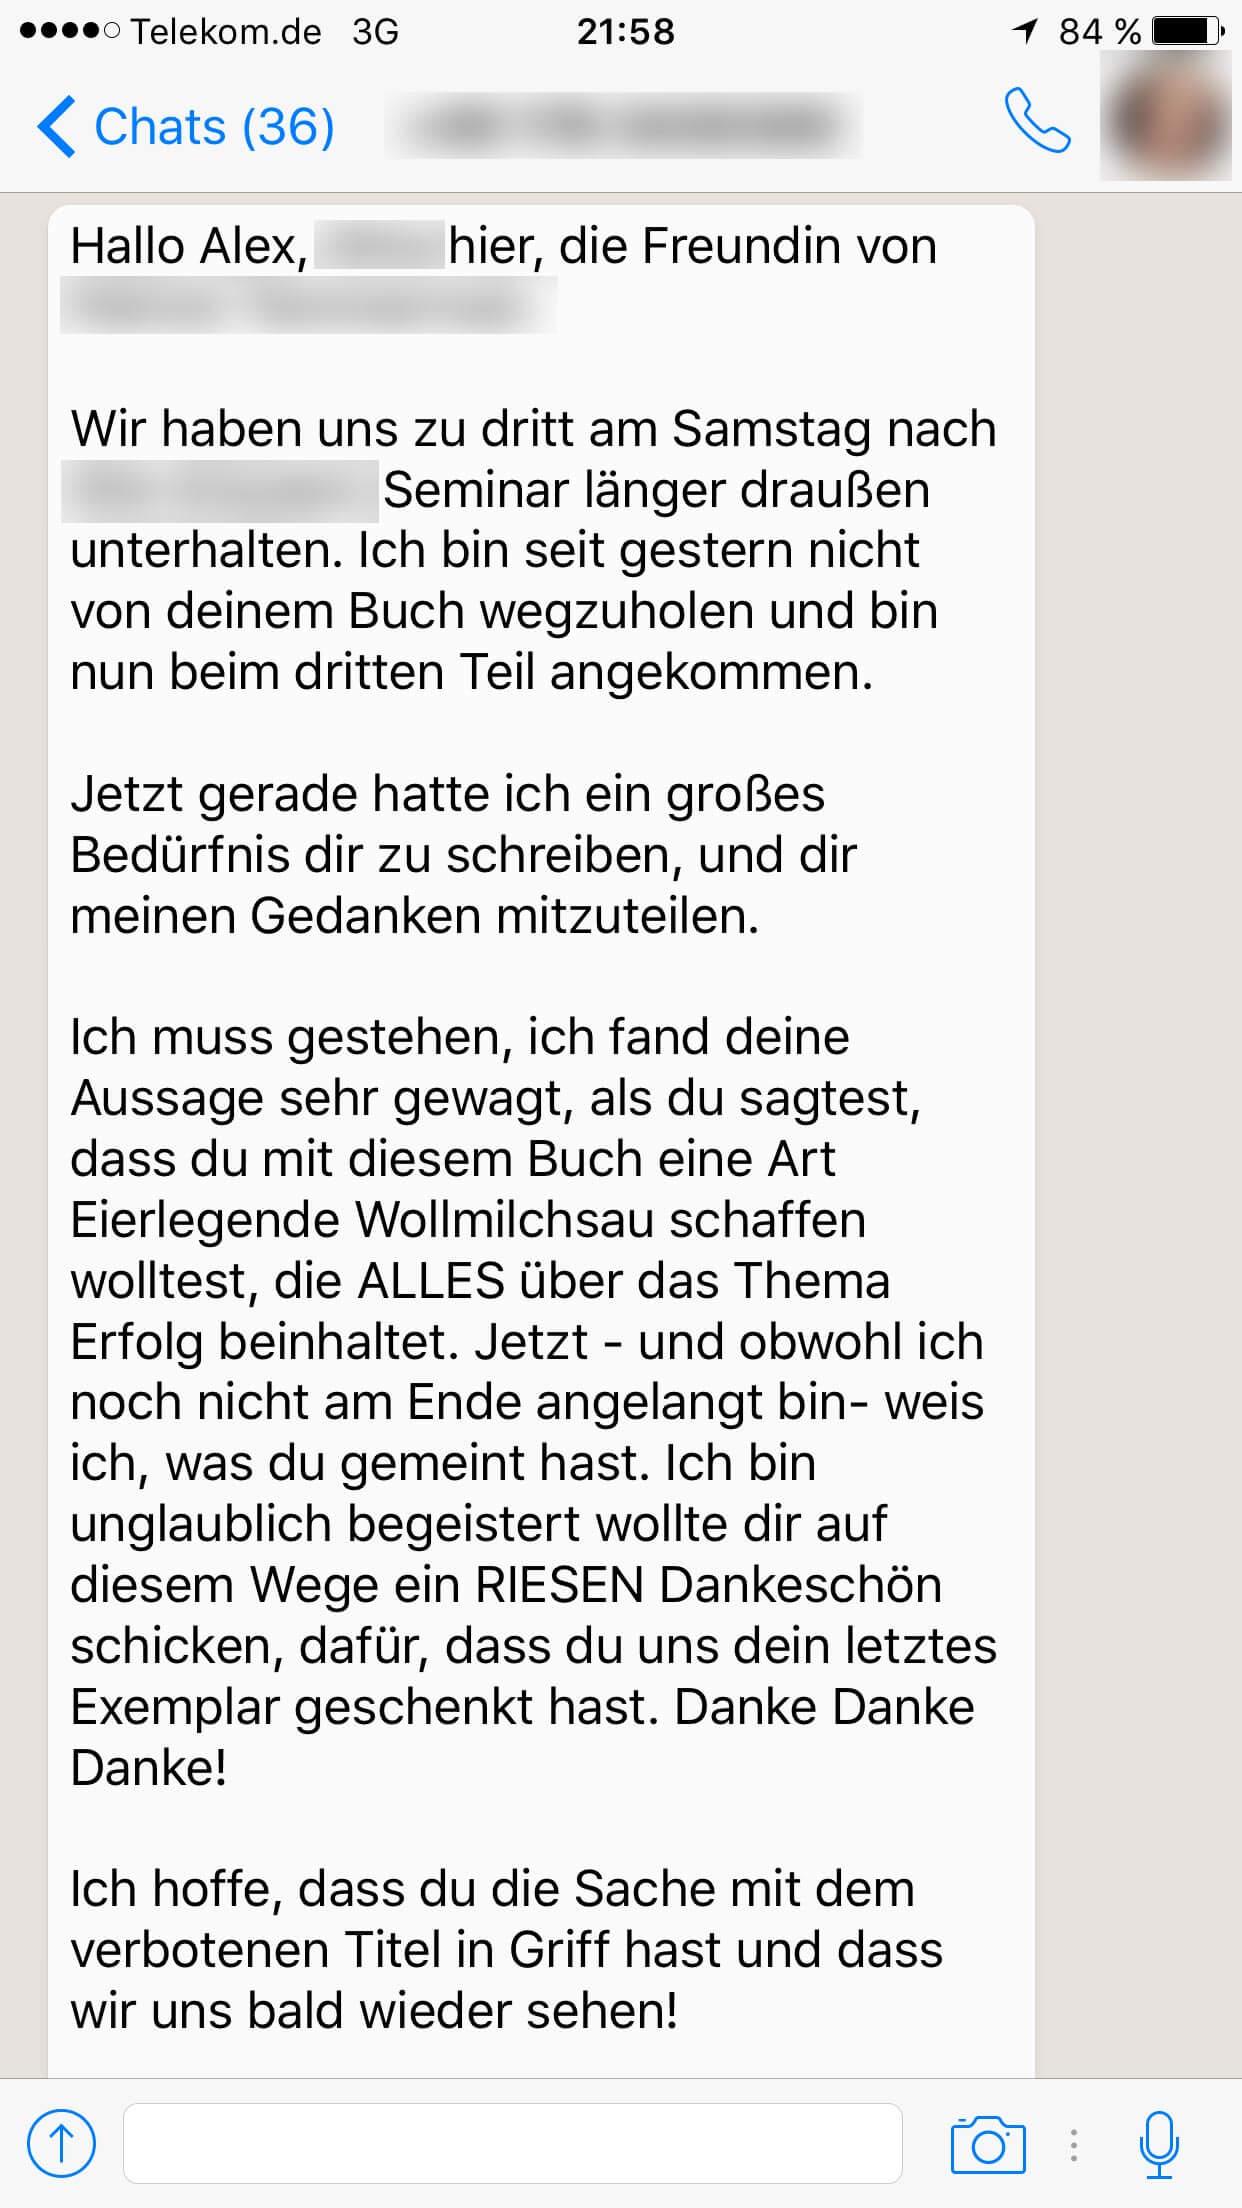 alex-duesseldorf-fischer-erfahrungen-011